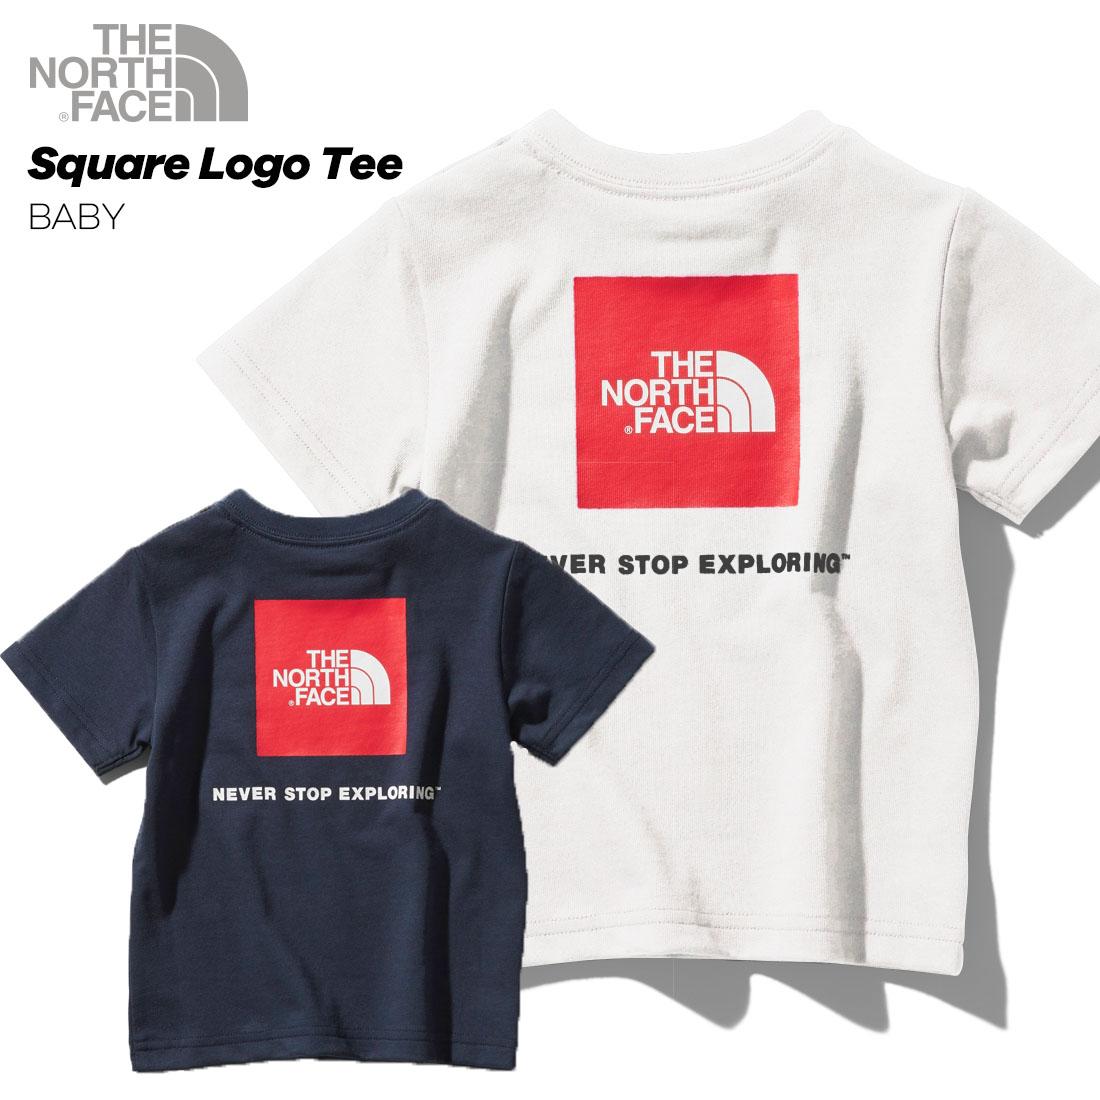 ノースフェイス THE NORTH FACE ○新作○BABY S/S Square Logo Tee(80cm 90cm)ショートスリーブスクエアロゴティー(ベビー)半袖Tシャツ 【メール便可】